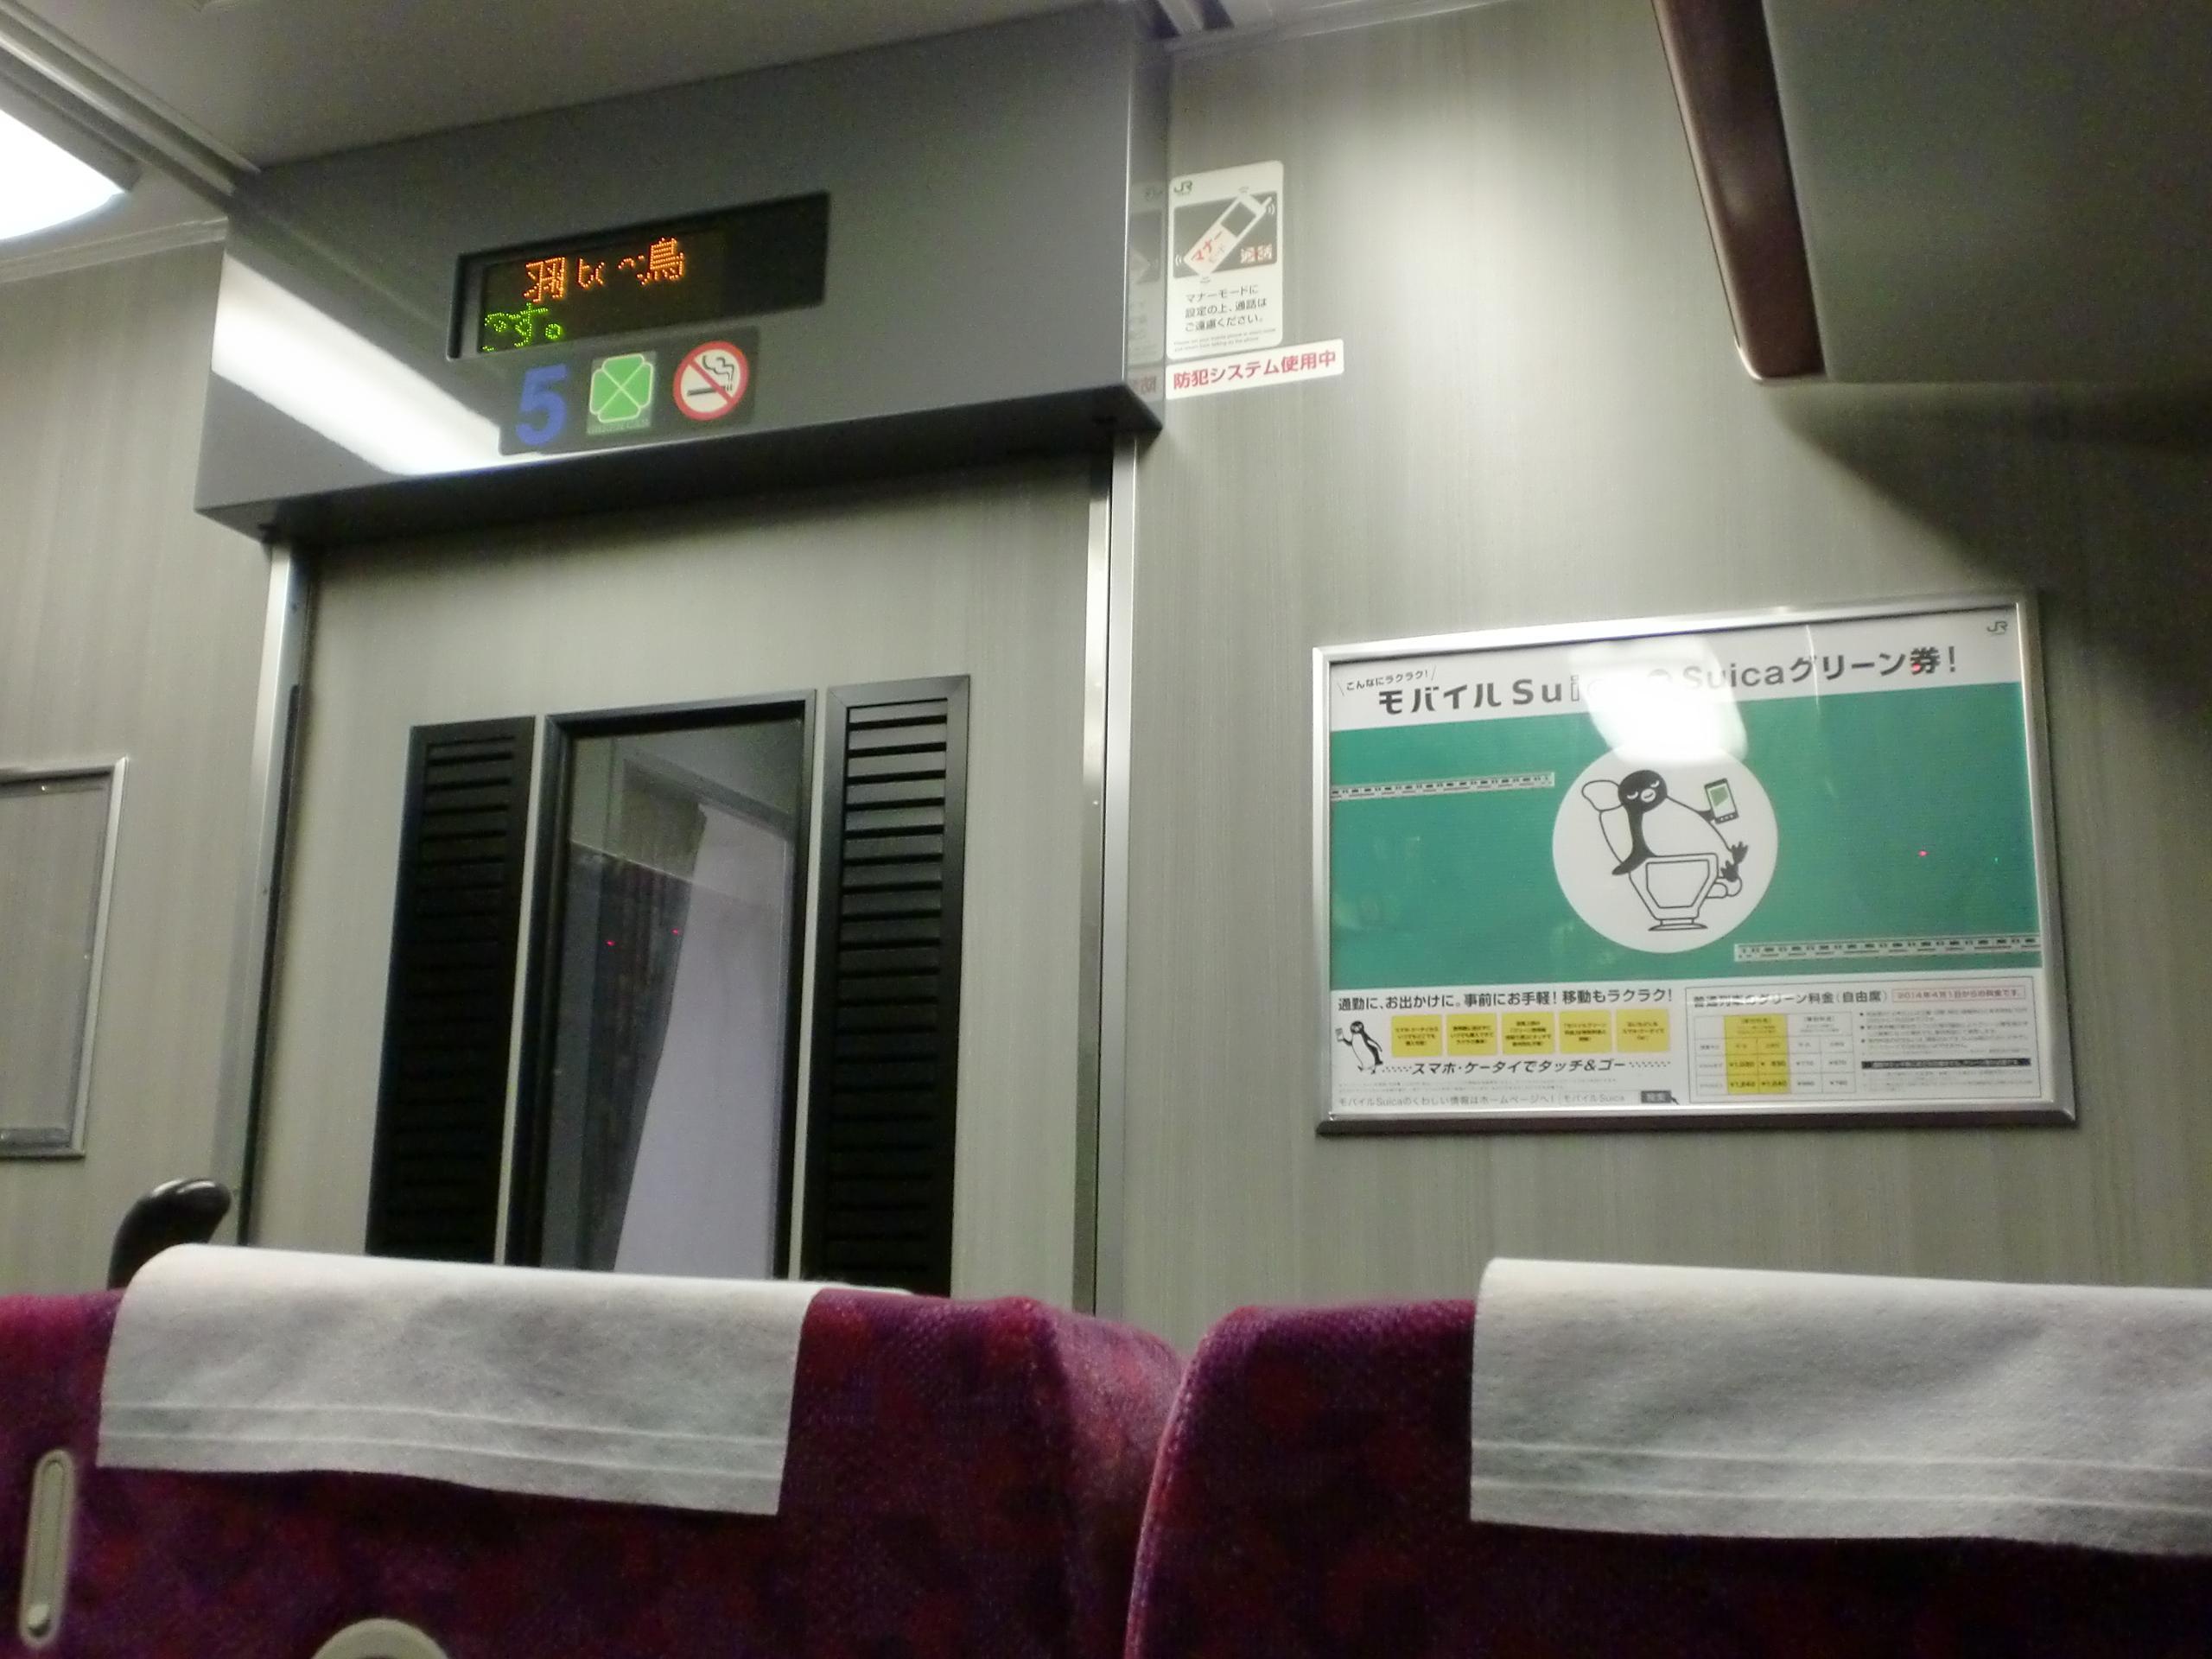 B_oseeiU0AAZn-0.jpg